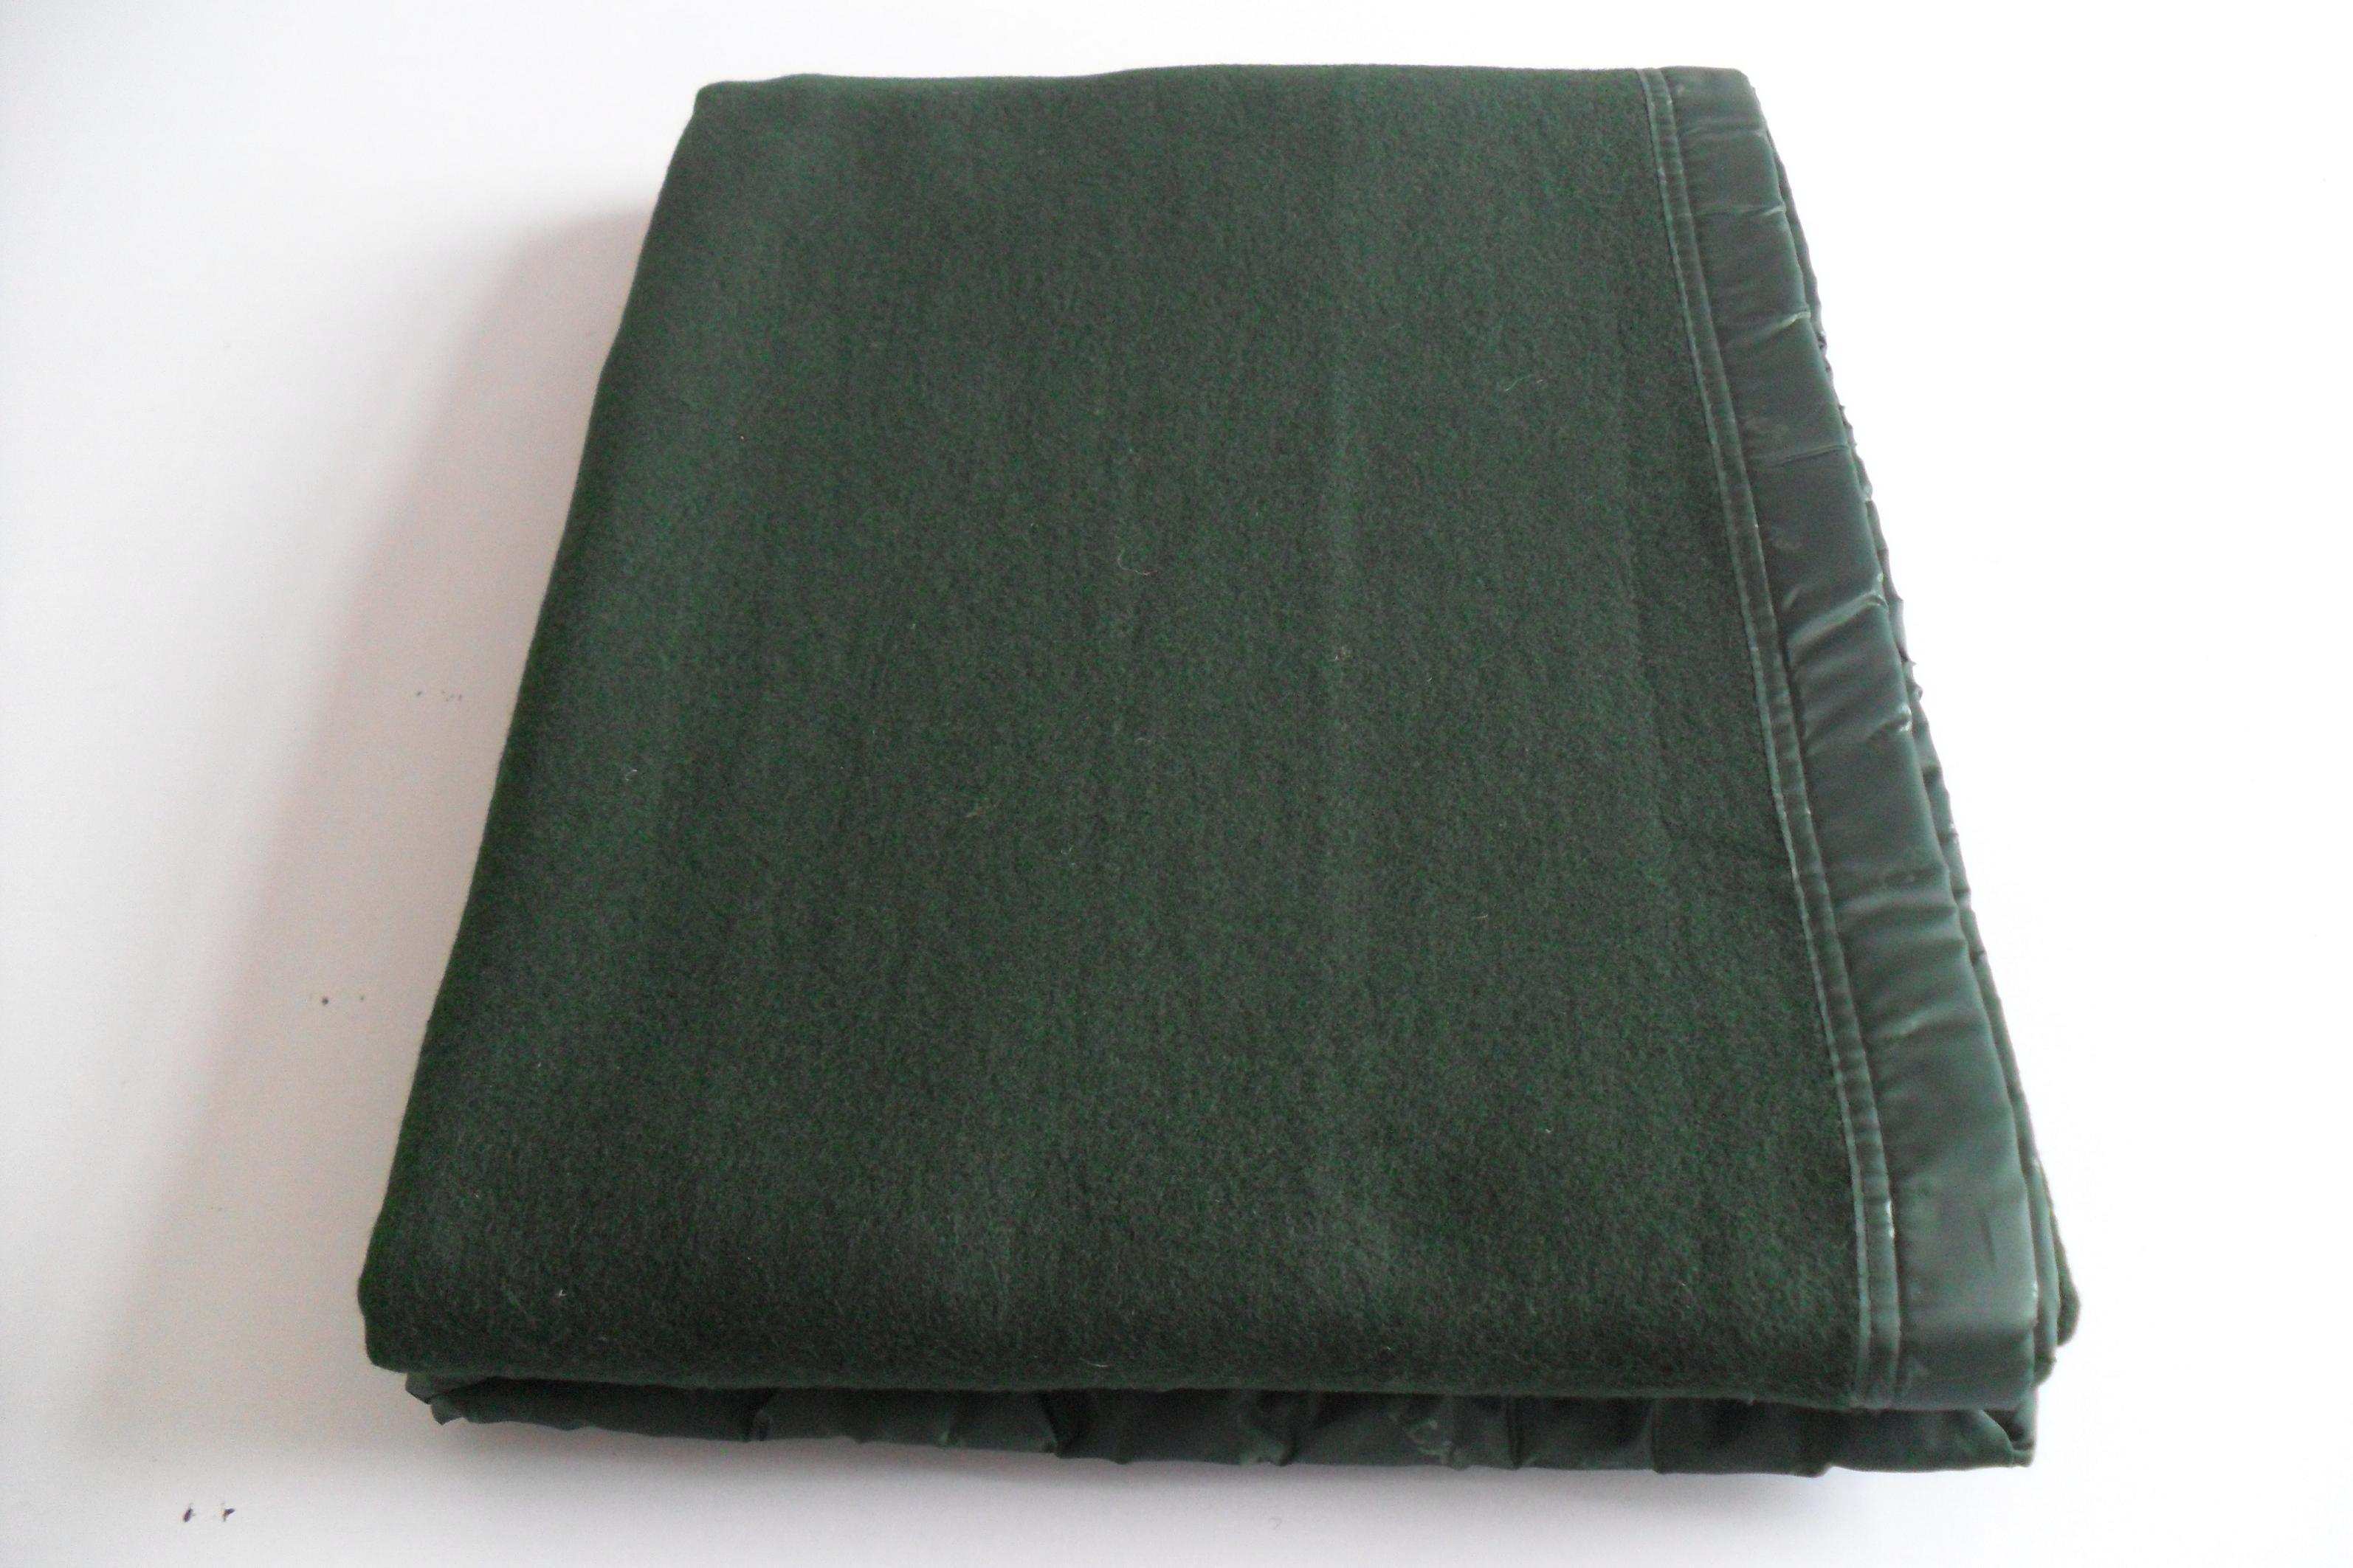 厂家直销常年供应消防户外野营救灾毛毯09毛毯公用被装 09毛毯公用被装墨绿松枝绿军毯